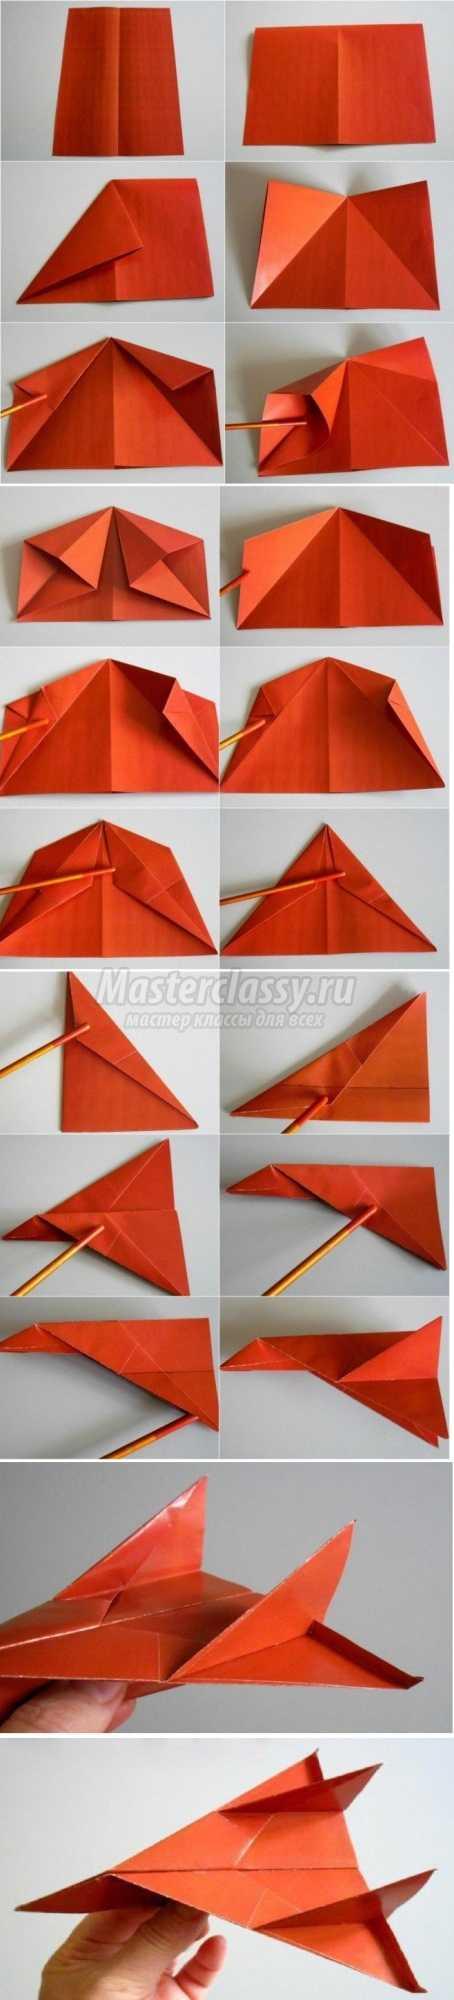 Как сделать самолет из бумаги и картона своими руками